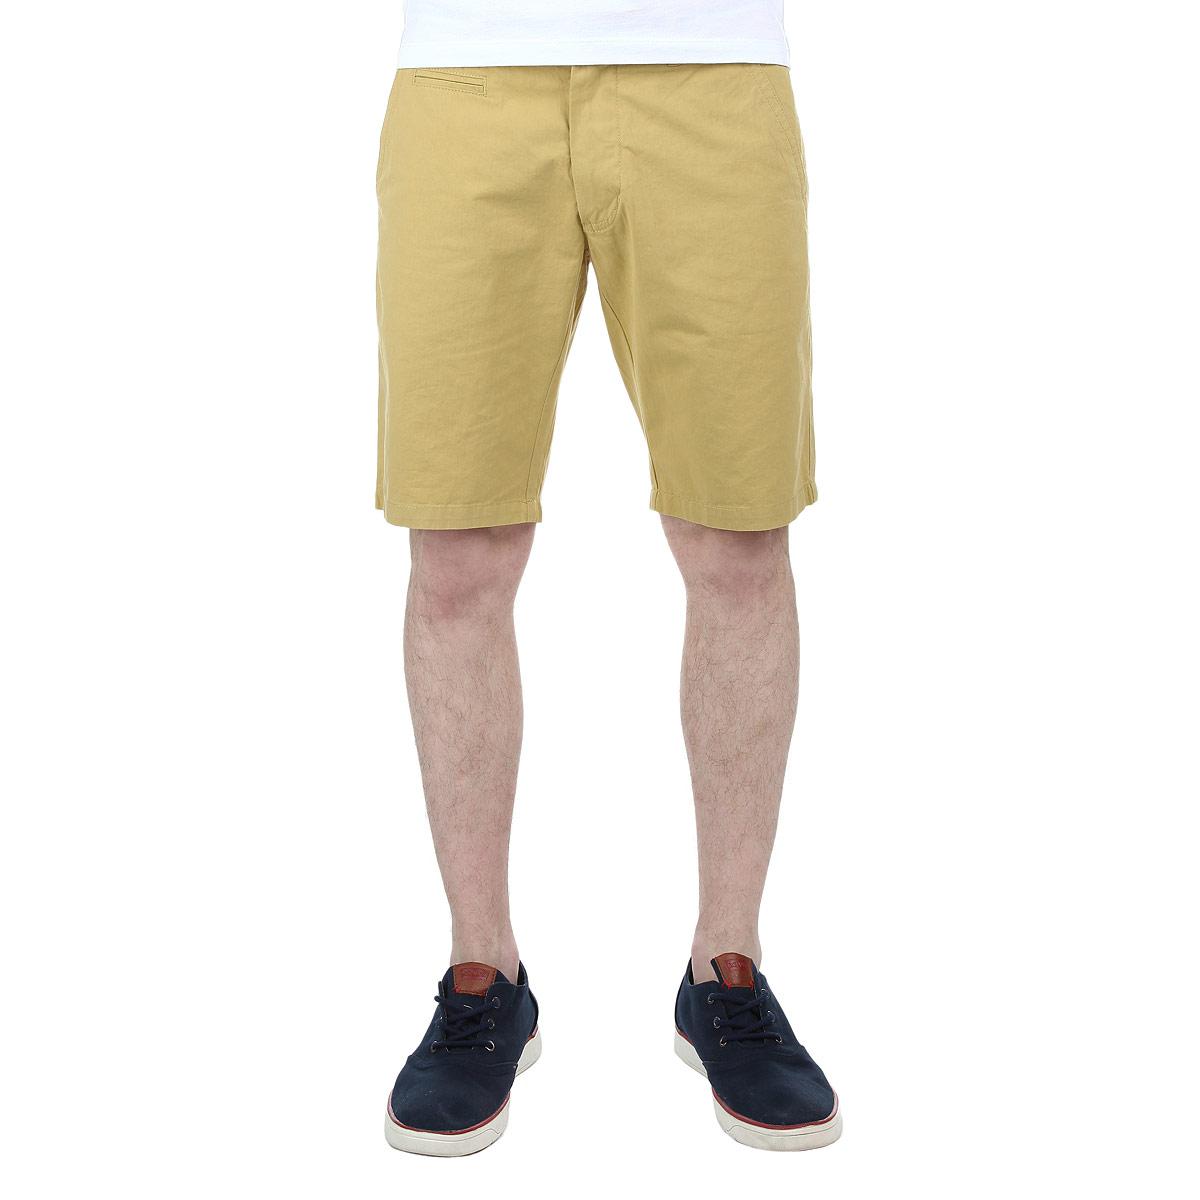 ШортыLCGMW031/COBALTСтильные мужские шорты Lee Cooper изготовлены из высококачественного хлопка. Модель средней посадки, застегивается на две пуговицы в поясе и ширинку на застежке-молнии, имеются шлевки для ремня. Спереди шорты оформлены двумя втачными карманами с косыми срезами и одним небольшим секретным кармашком, а сзади - двумя втачными карманами с клапанами на пуговицах. Эти модные и в тоже время комфортные шорты послужат отличным дополнением к вашему гардеробу. В них вы всегда будете чувствовать себя уютно и комфортно.